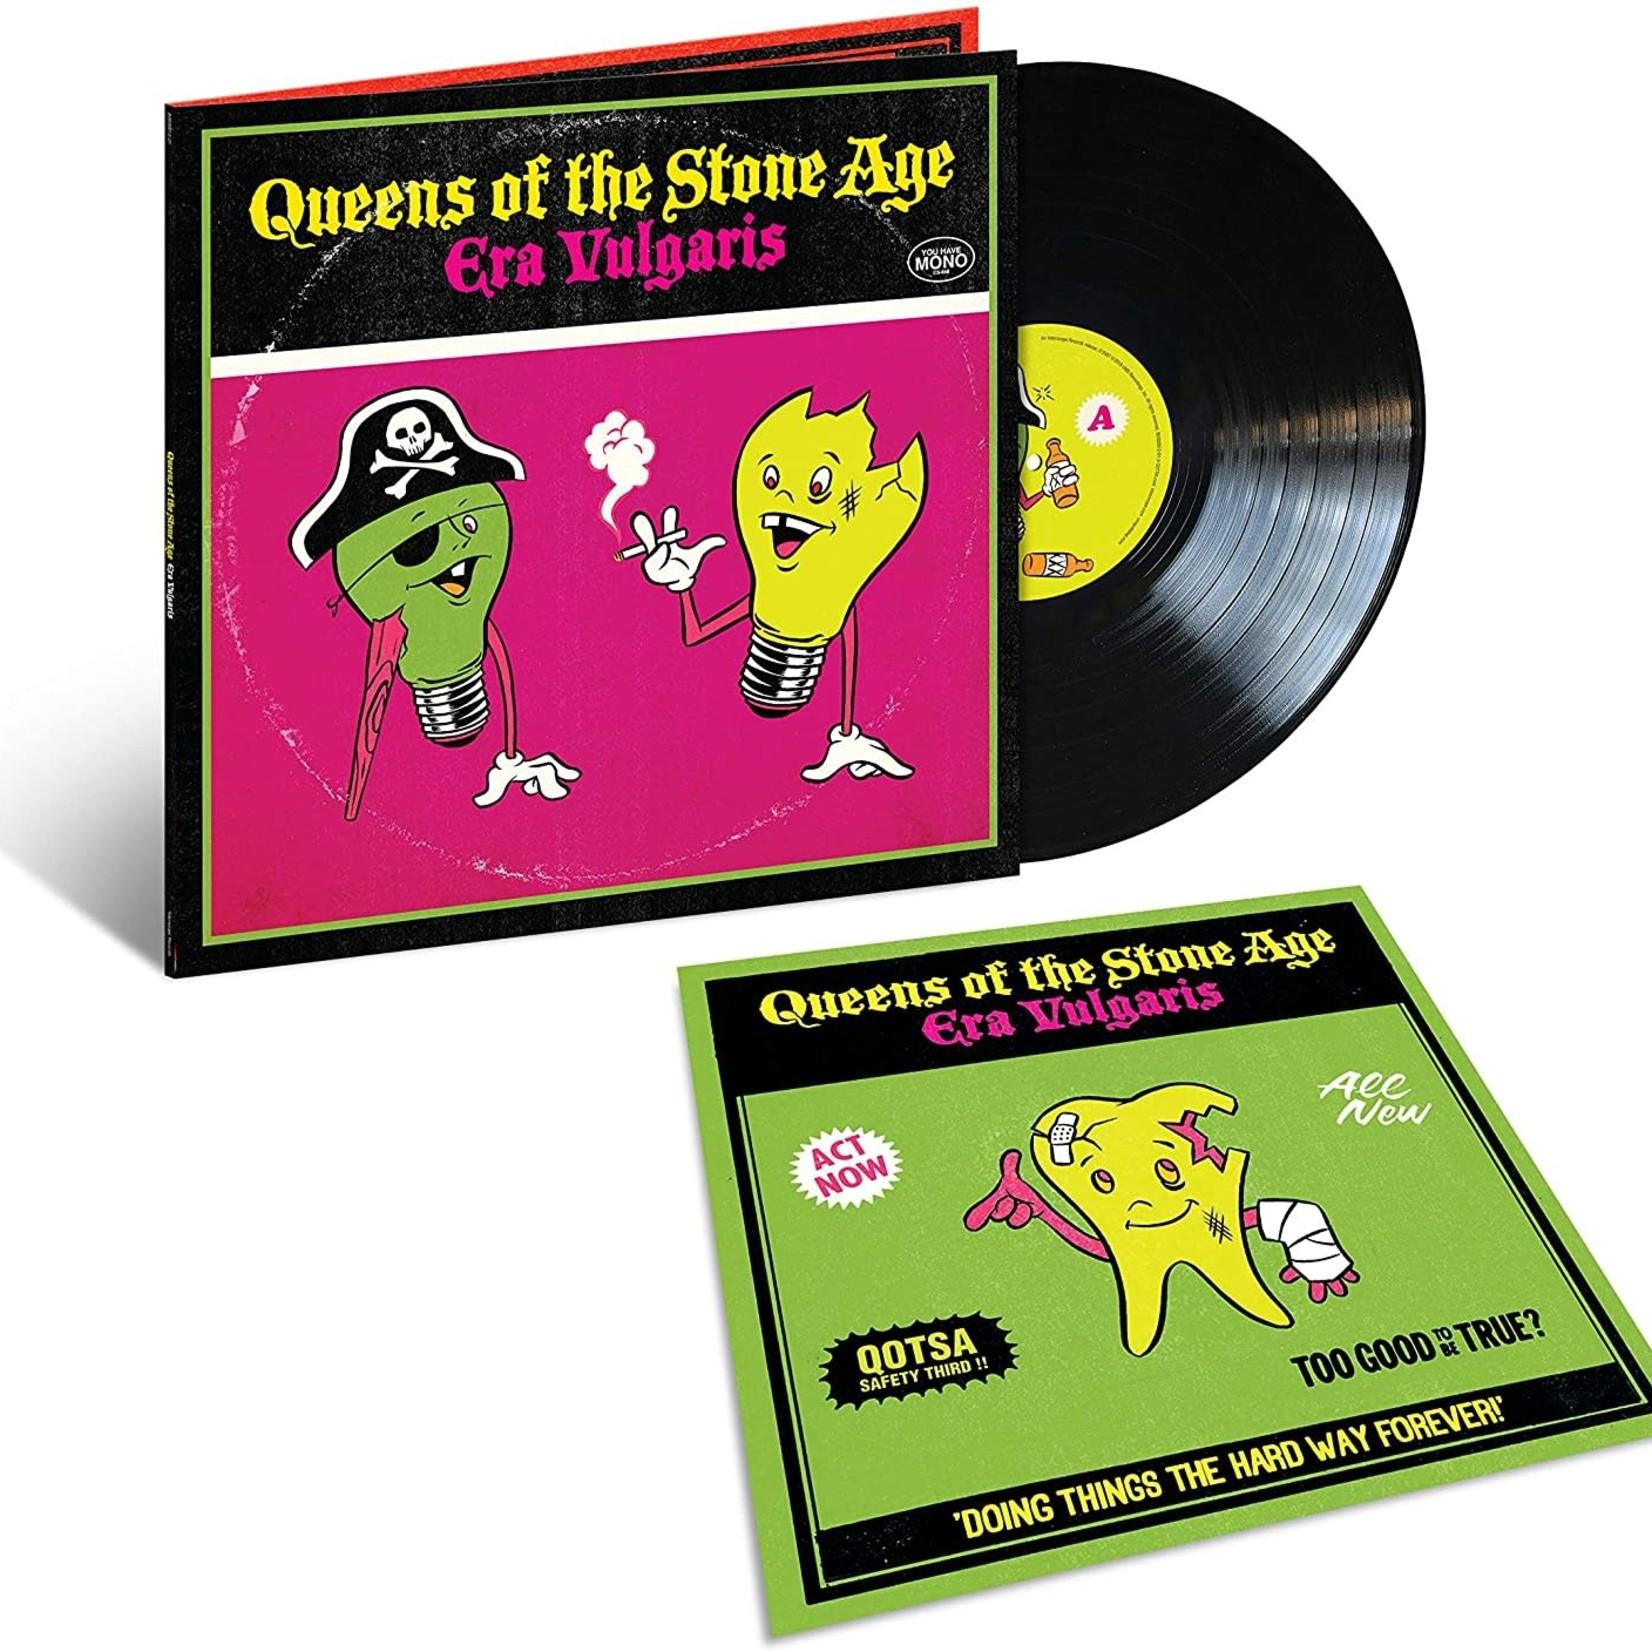 Queens of the Stone Age Queens of the Stone Age - Era Vulgaris